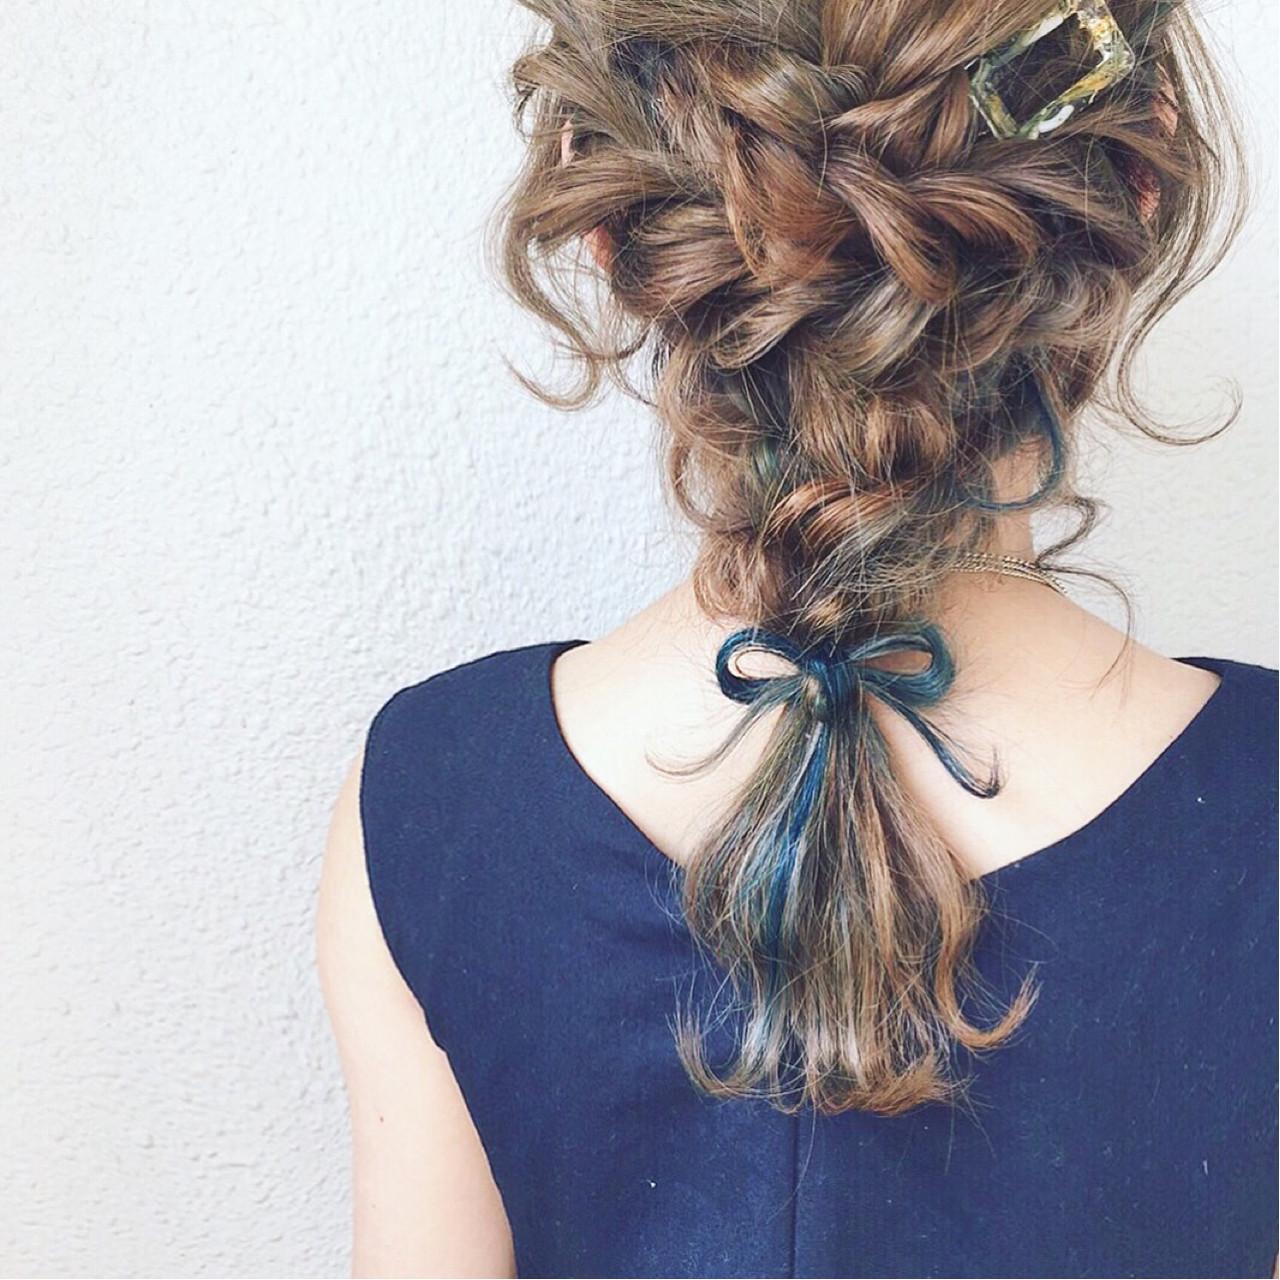 【髪型に迷う女子必見!】流行りの髪型でおしゃれ女子に変身♡の15枚目の画像